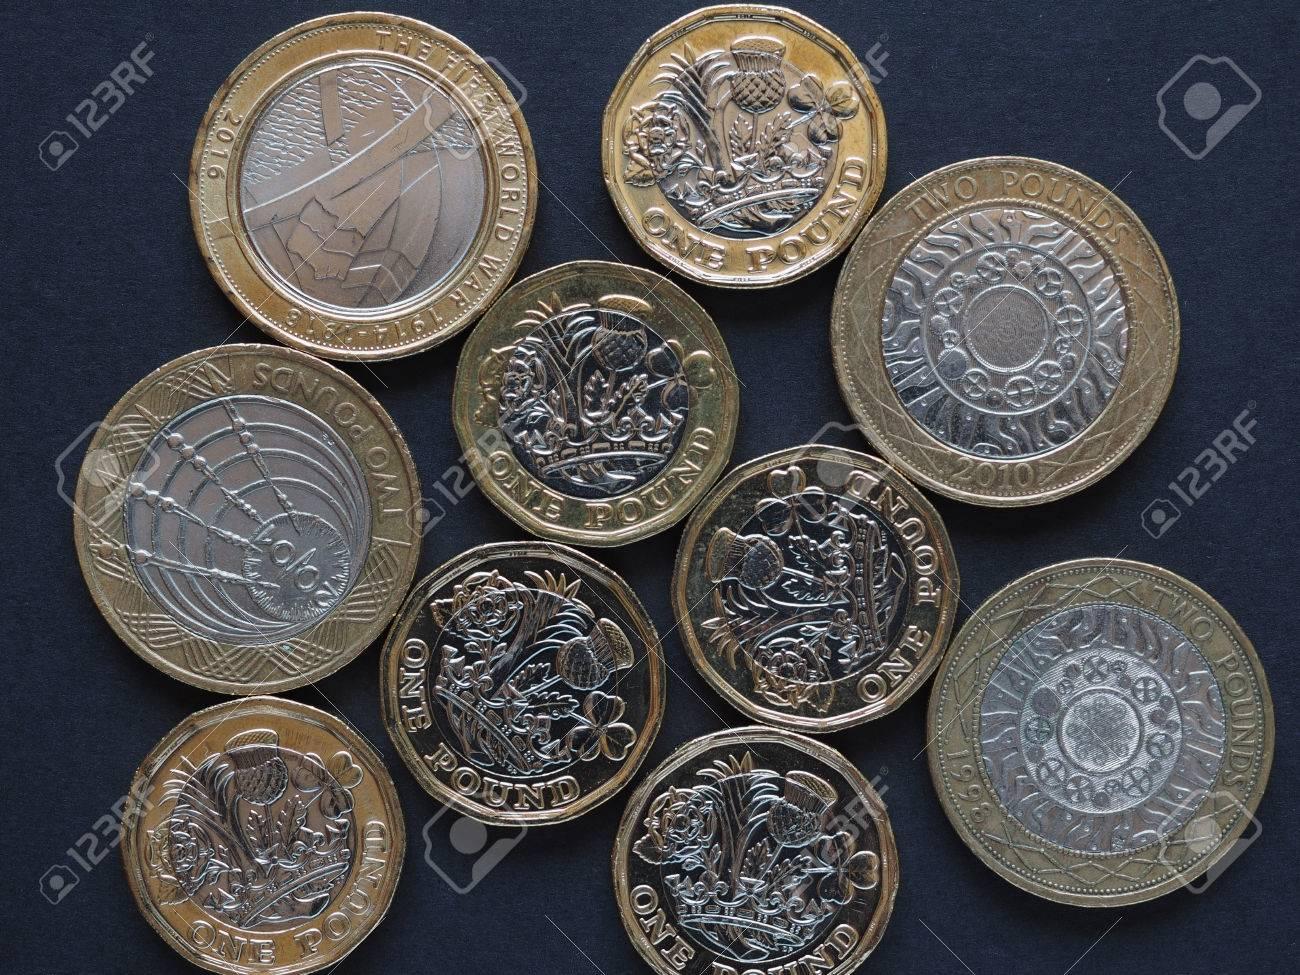 Neue 1 Pfund Und 2 Pfund Münze Geld Gbp Währung Von Großbritannien